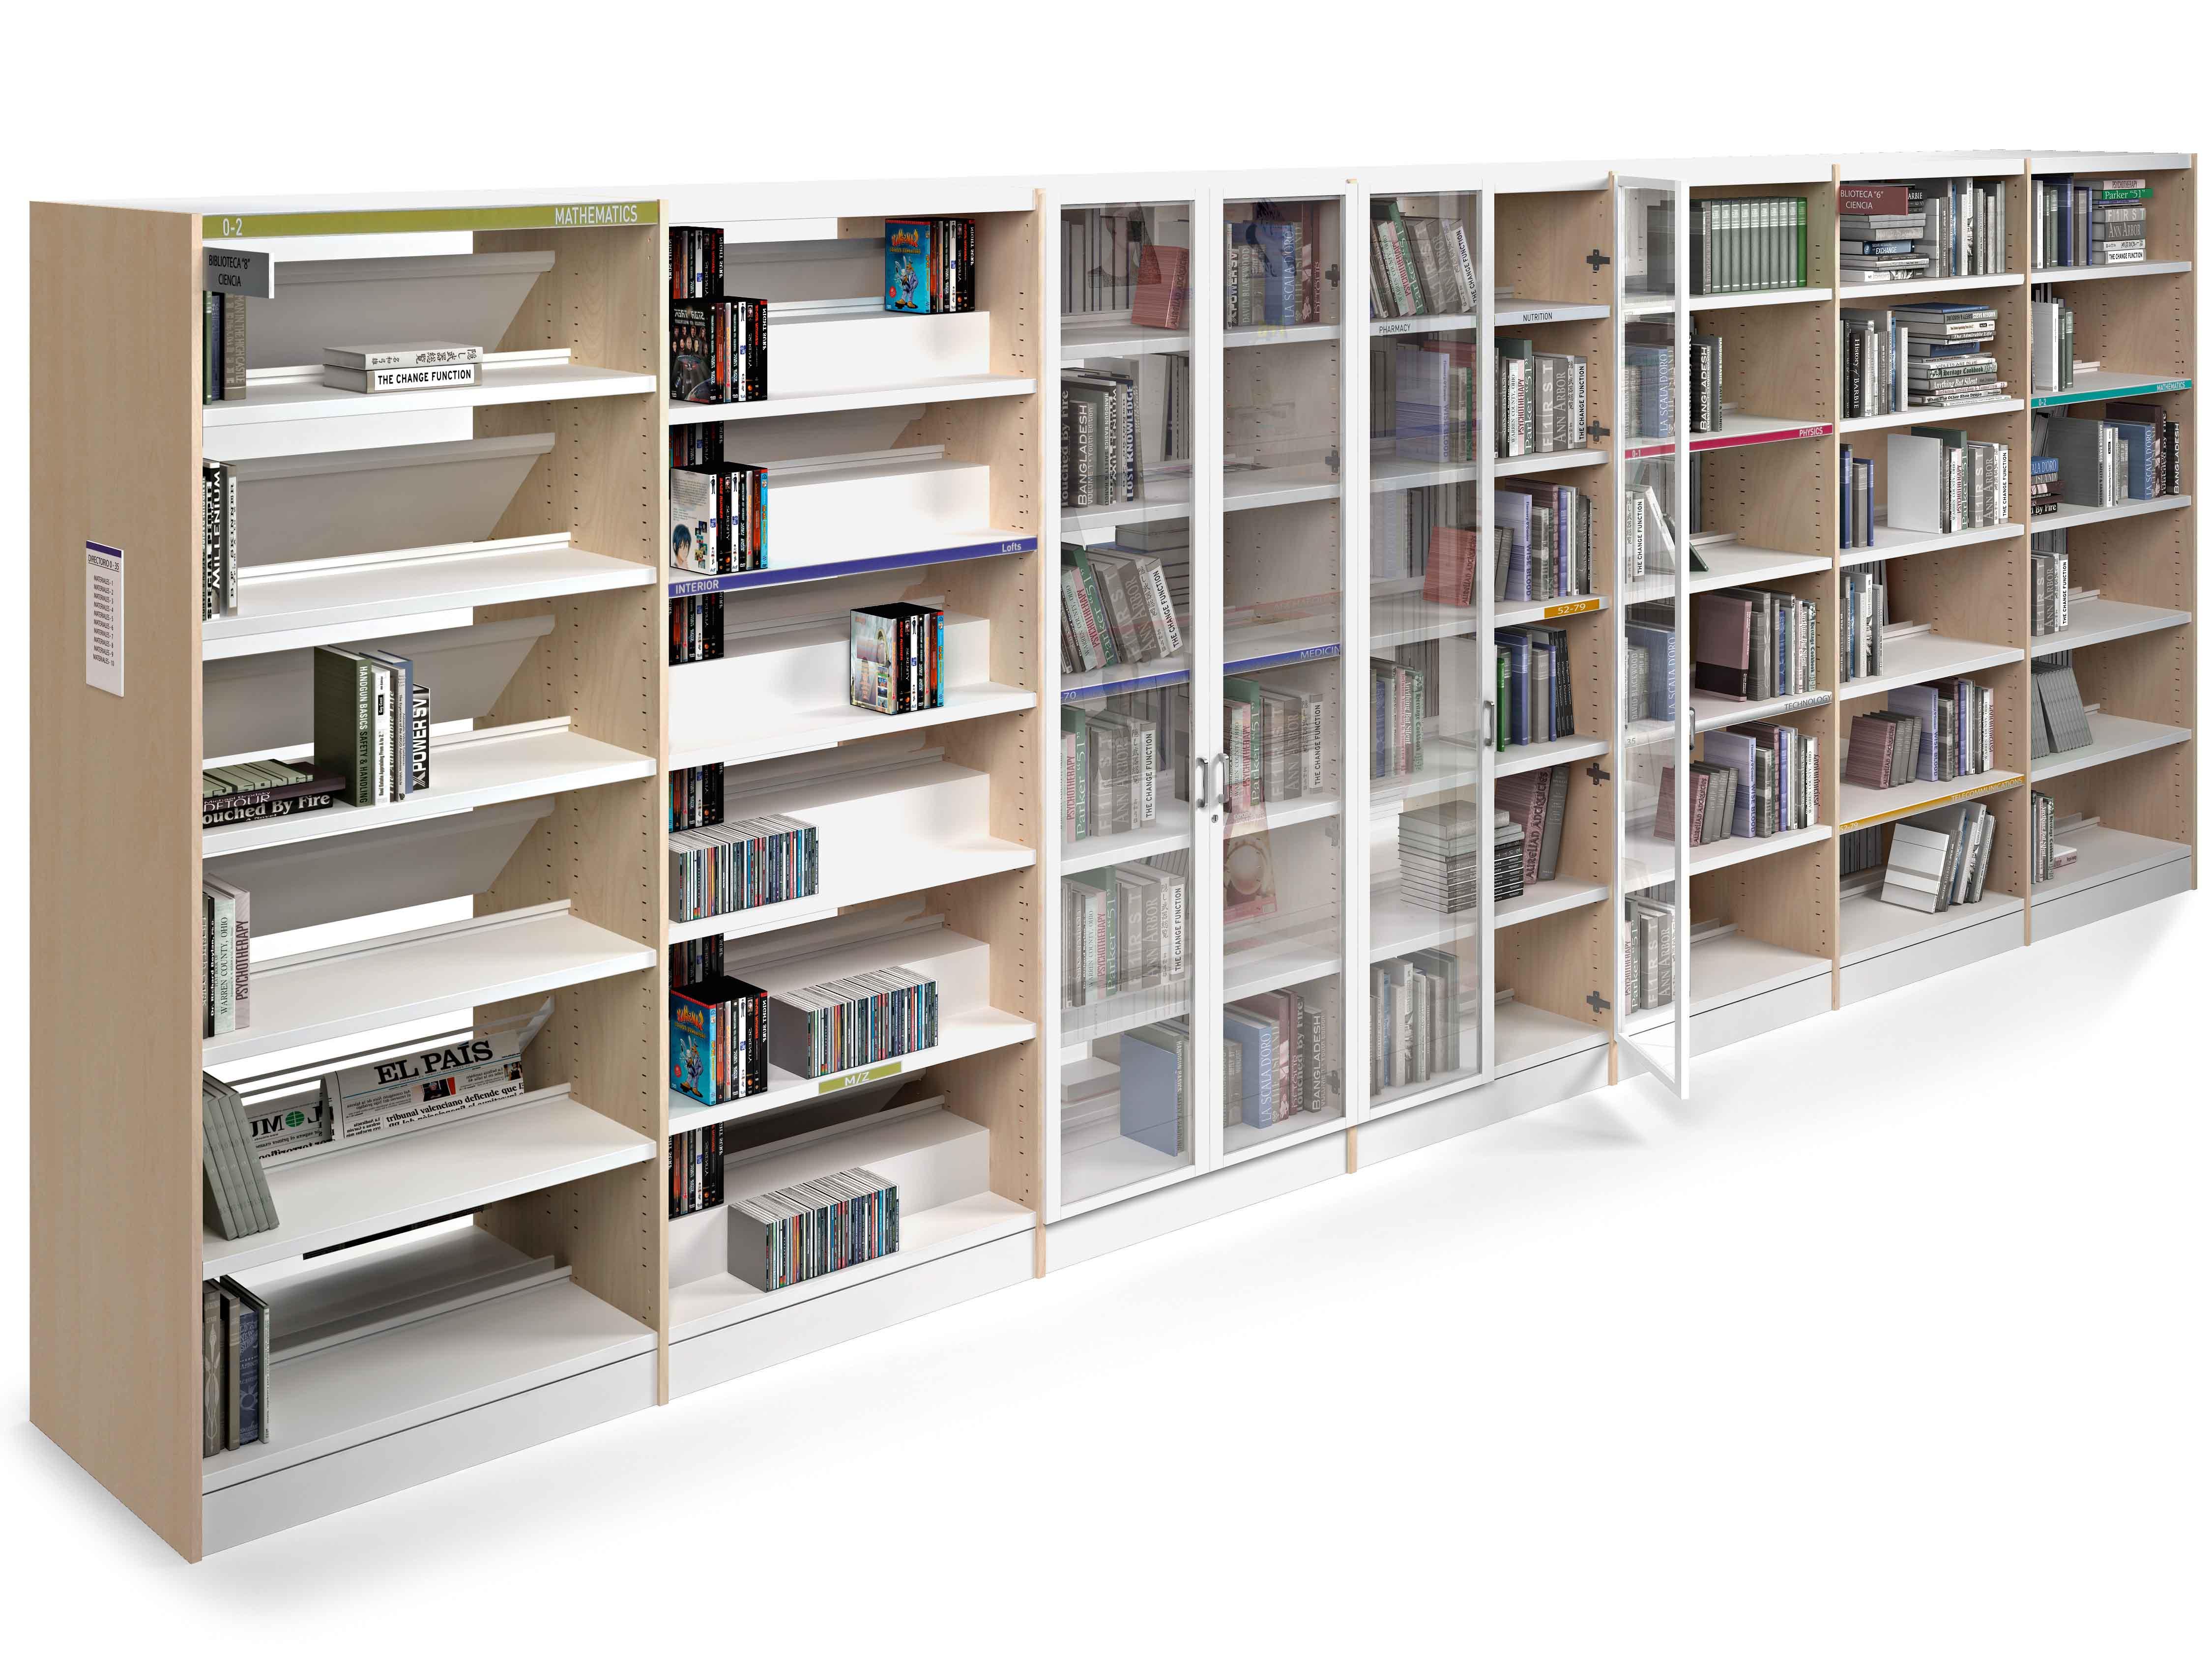 Muebles biblioteca mesas y estanter as muebles de - Muebles para almacenar ...